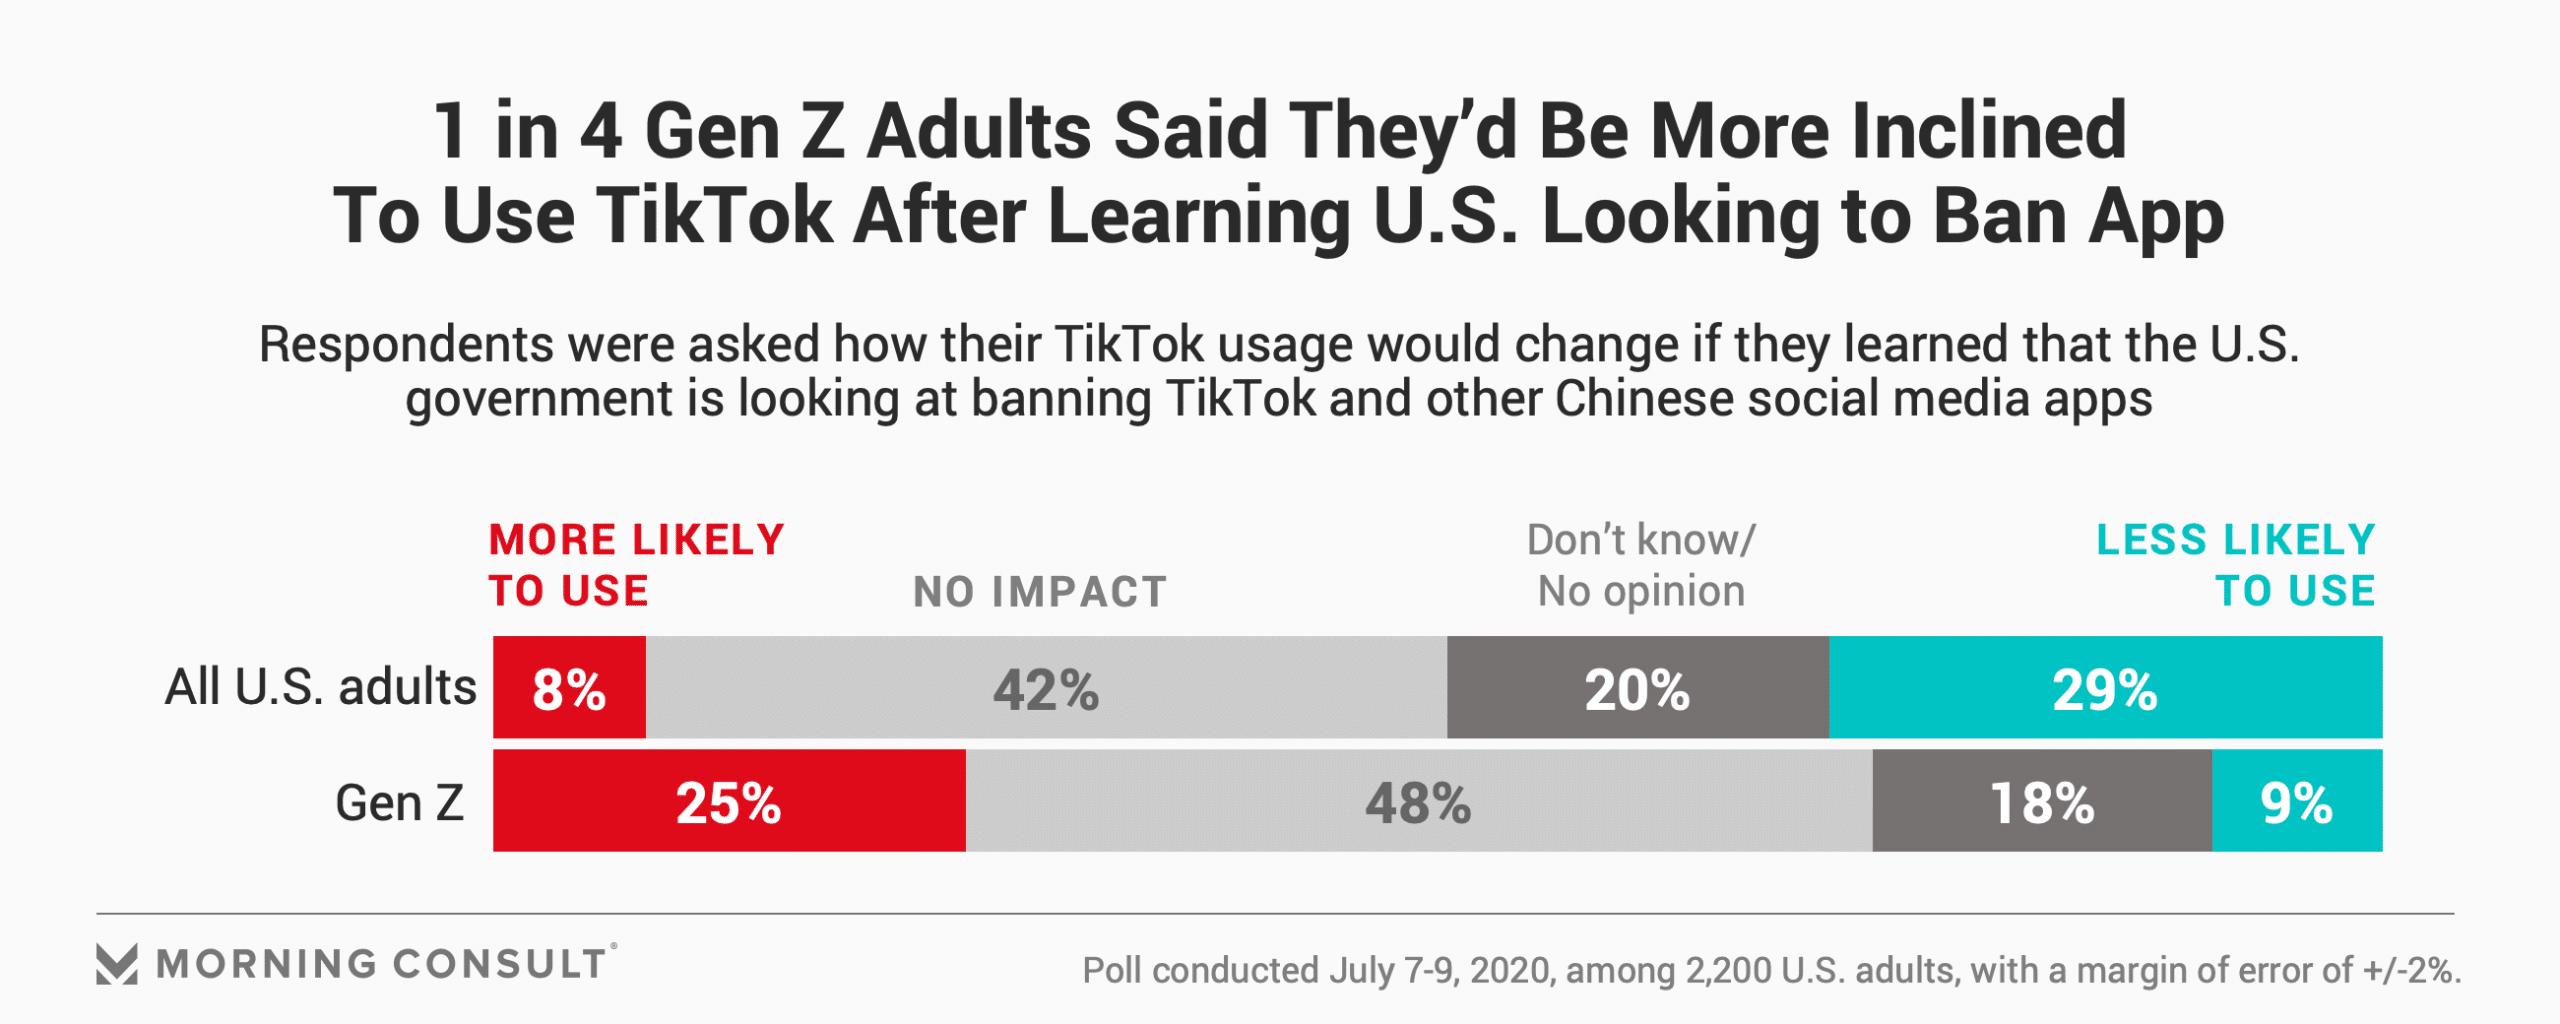 1 из 4 взрослых поколения Z более склонен использовать TikTok после того, как узнал о потенциальном запрете в США